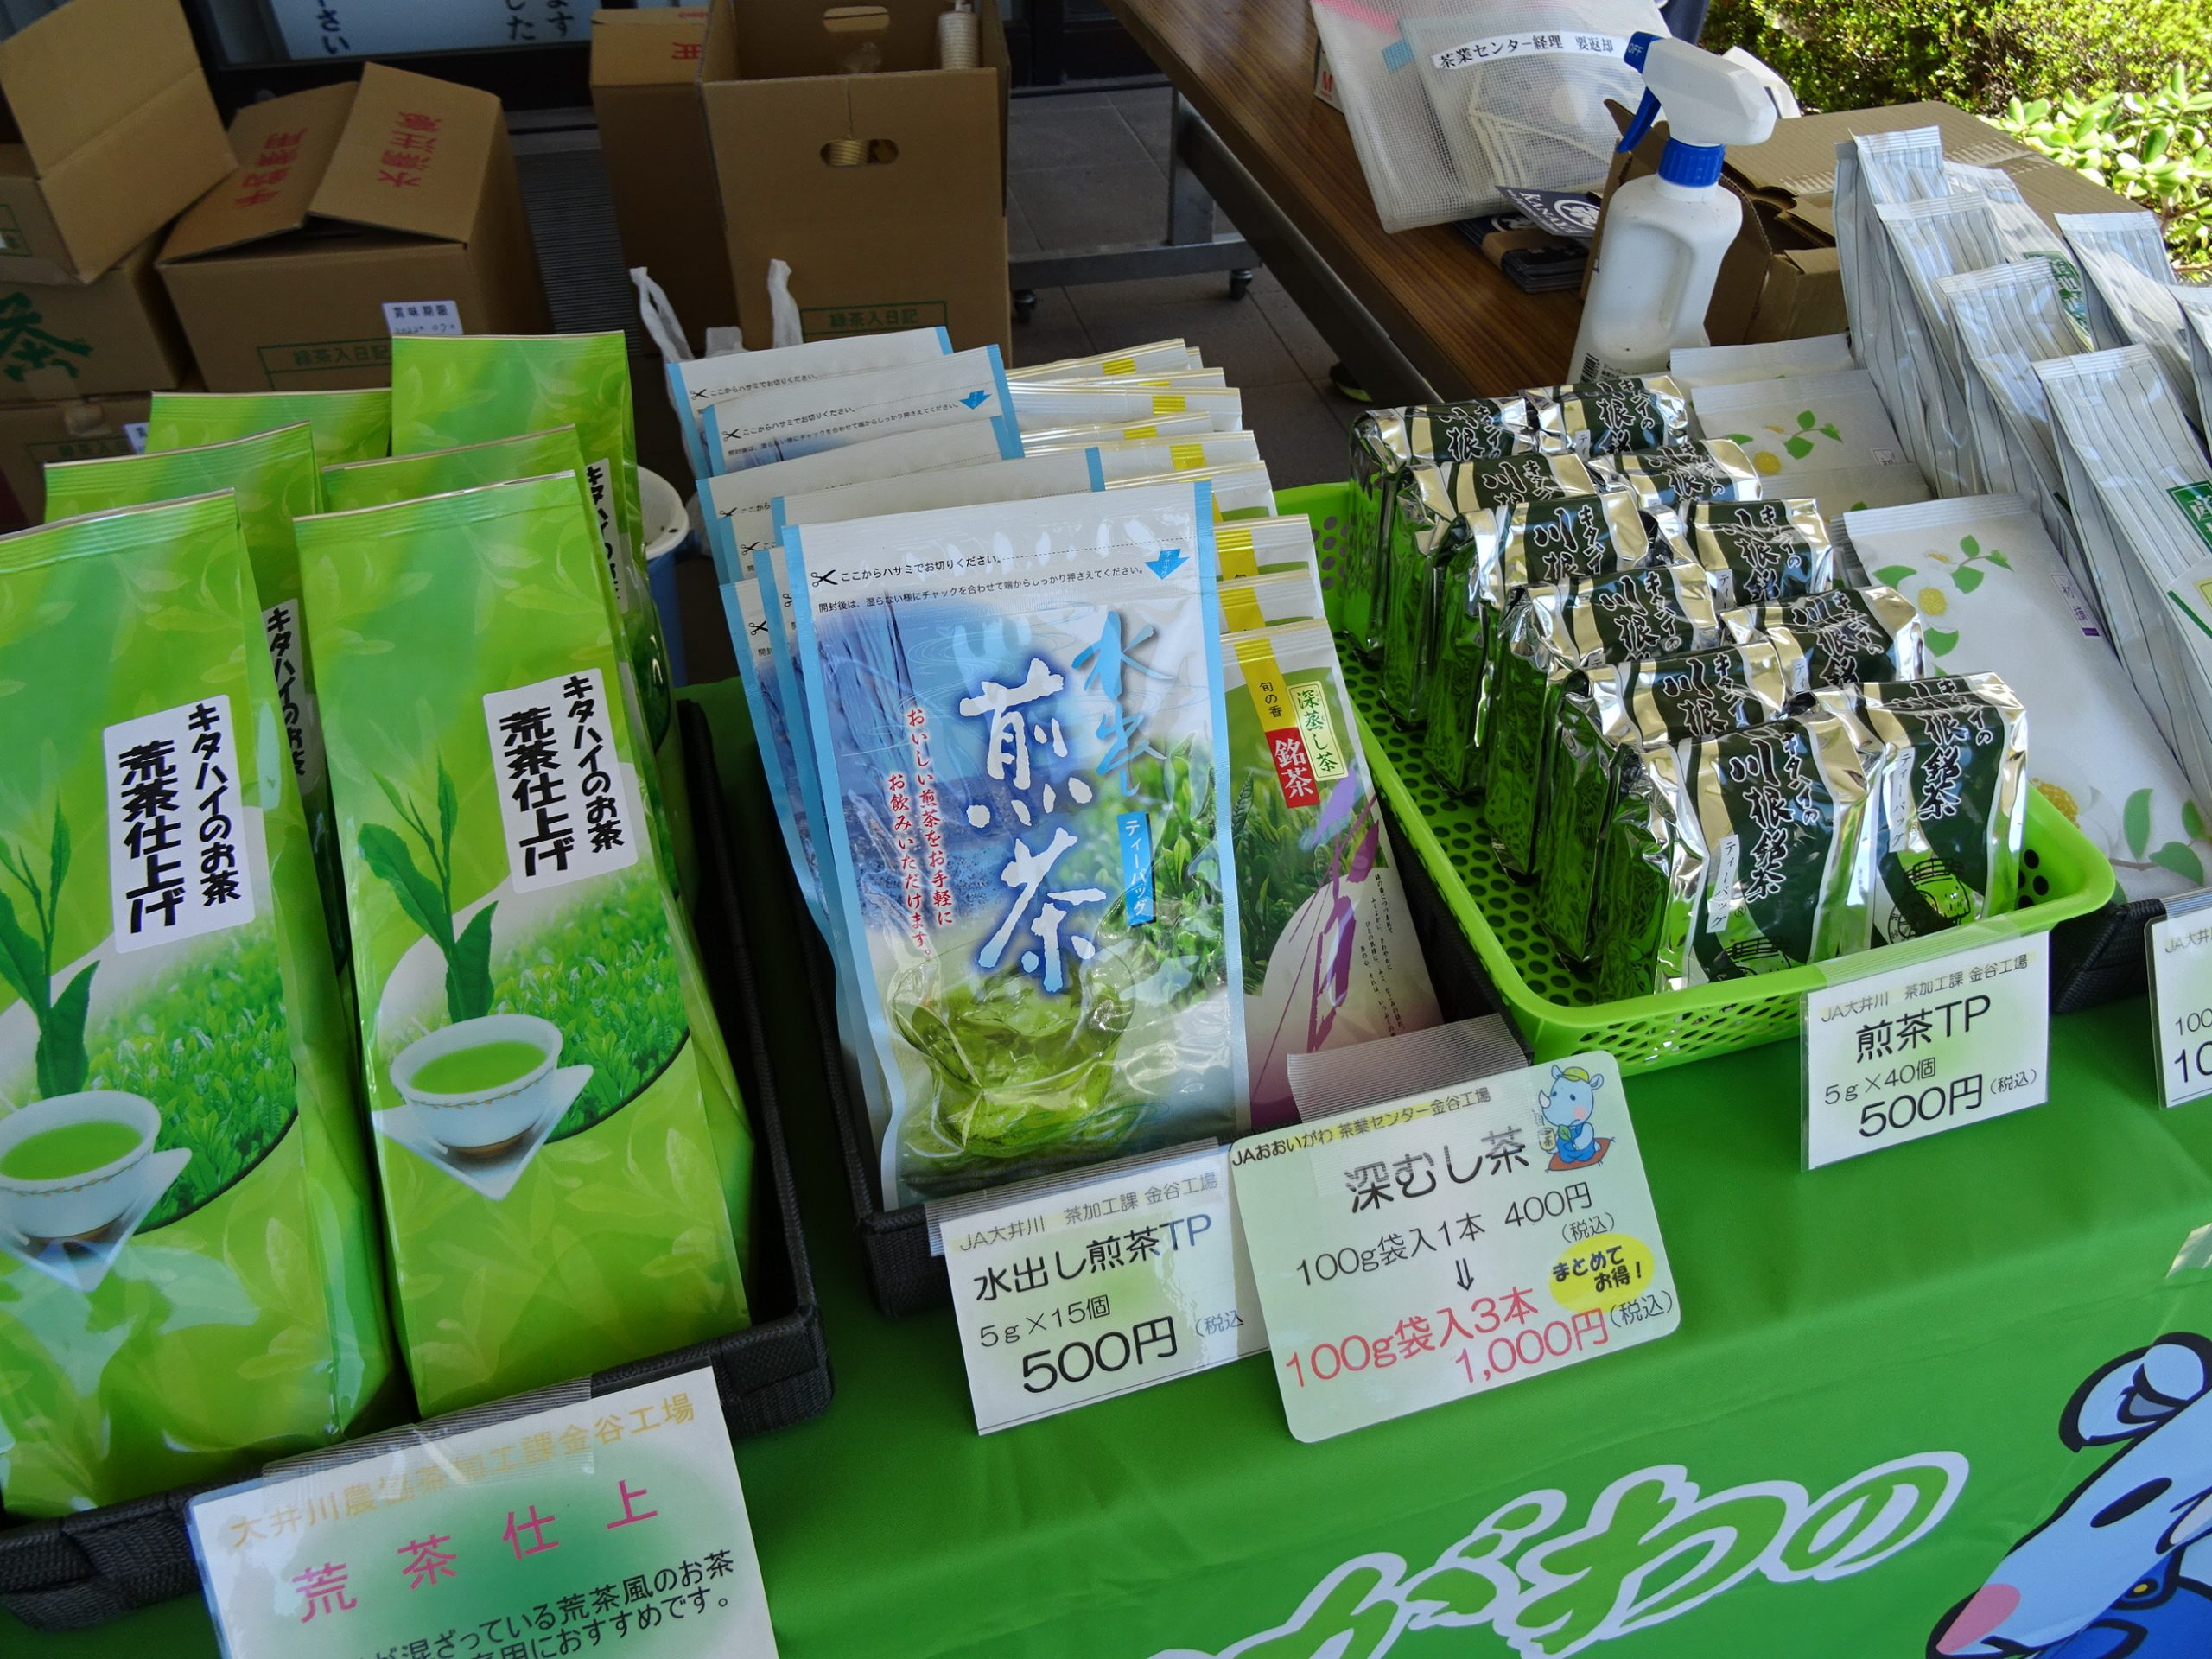 【静岡県大井川のおいしいお茶】JA南アルプス市道の駅しらね農産物直売所